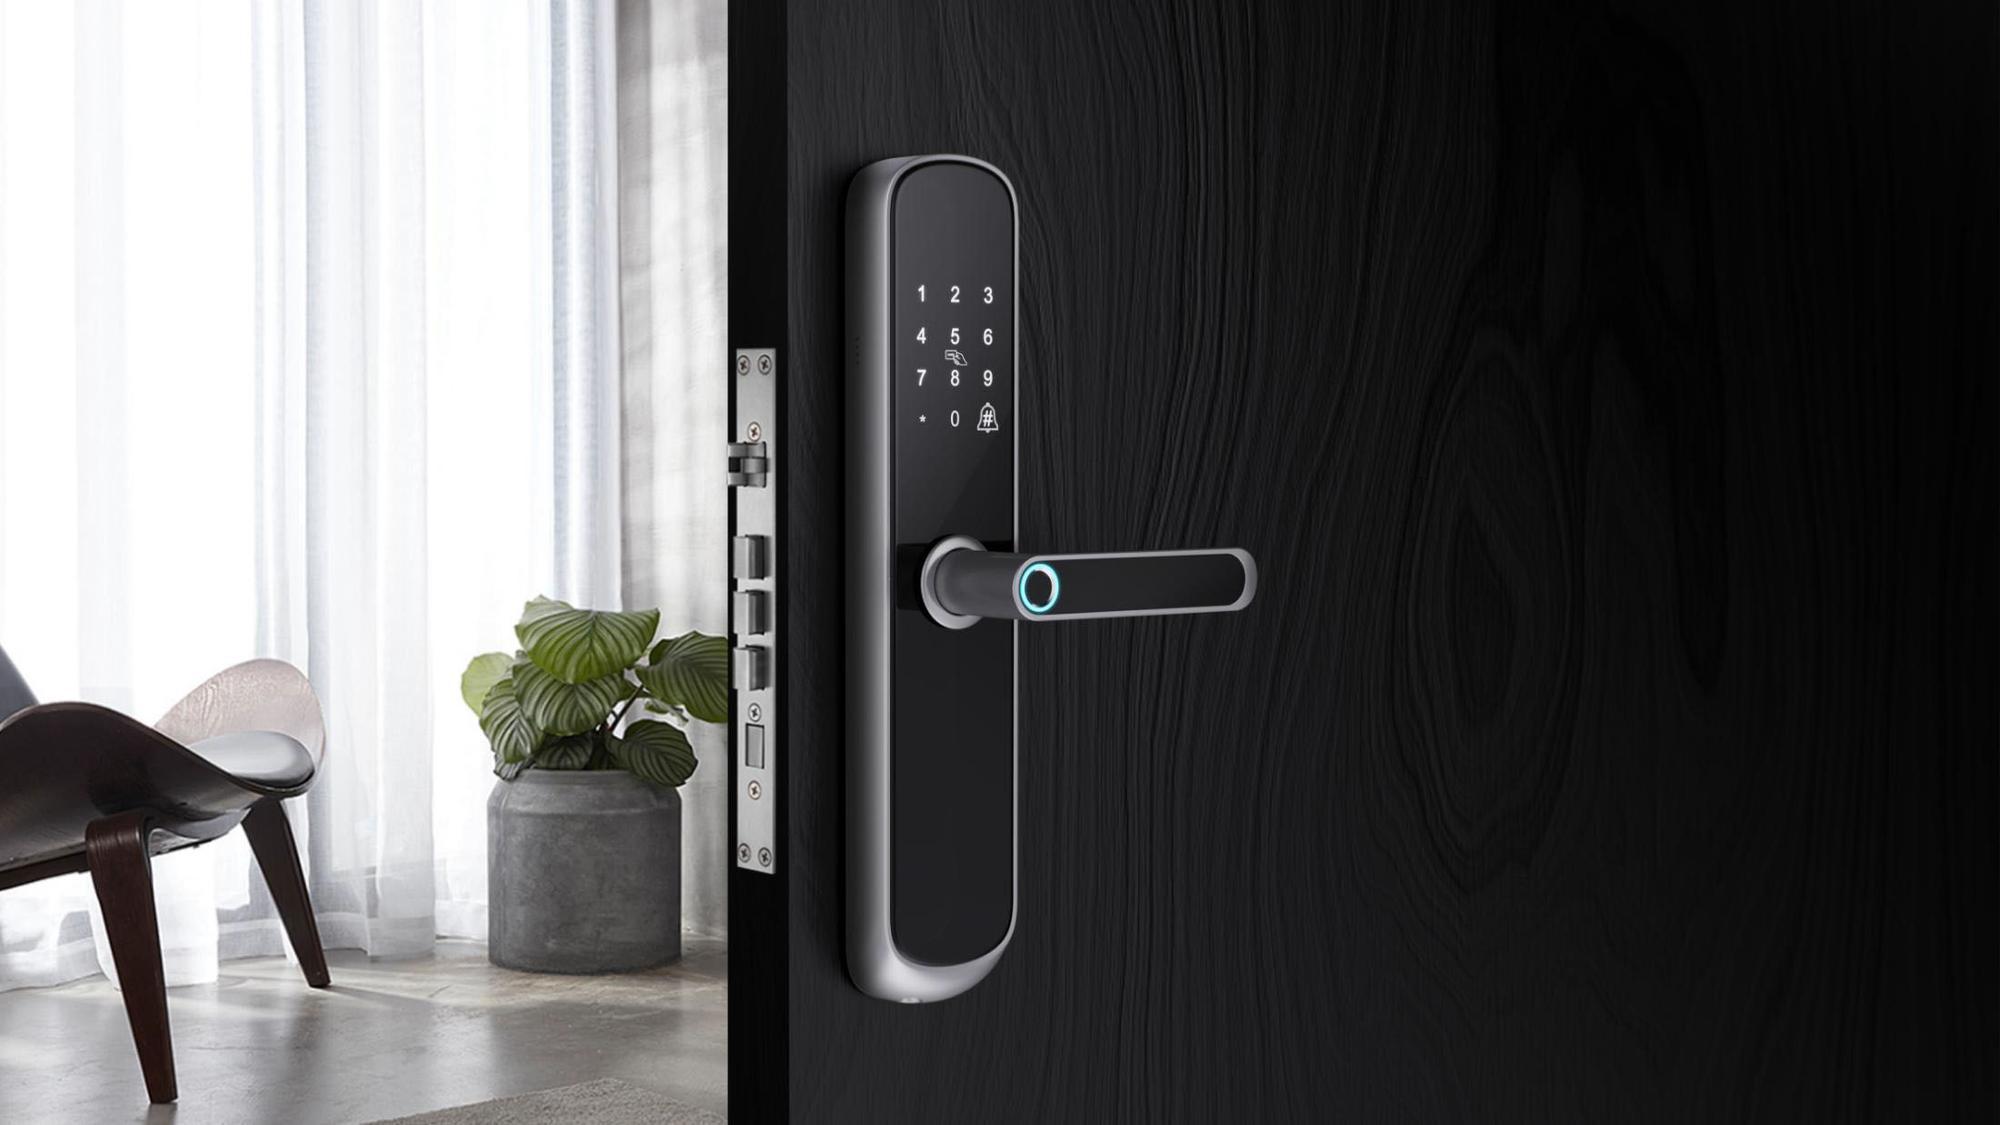 Headen العلامة التجارية تويا قفل باب ذكي مع التطبيق الهاتف وغير القابل للصدأ هيكل القفل المعدنى